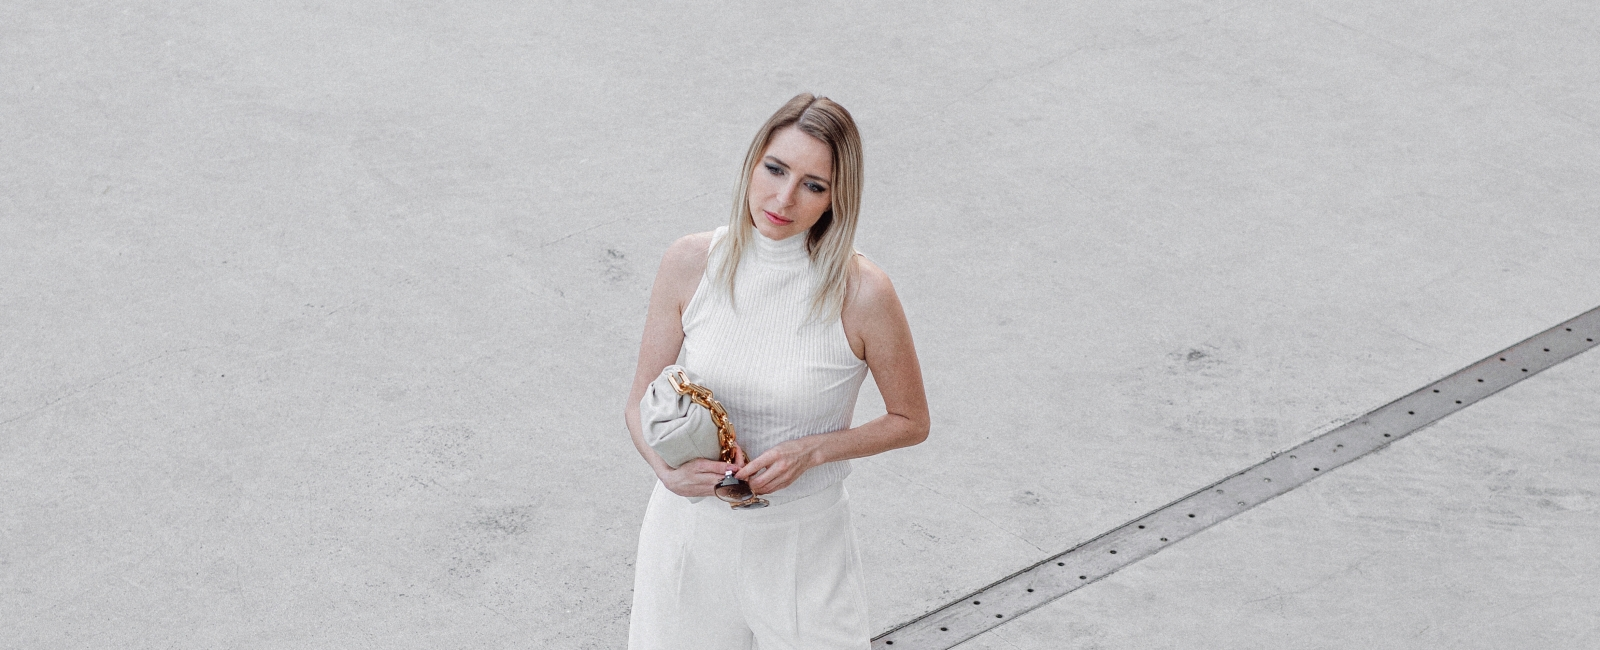 MOD-by-Monique-Fashion-Looks-Monochrome-All-White-Bottega-Veneta